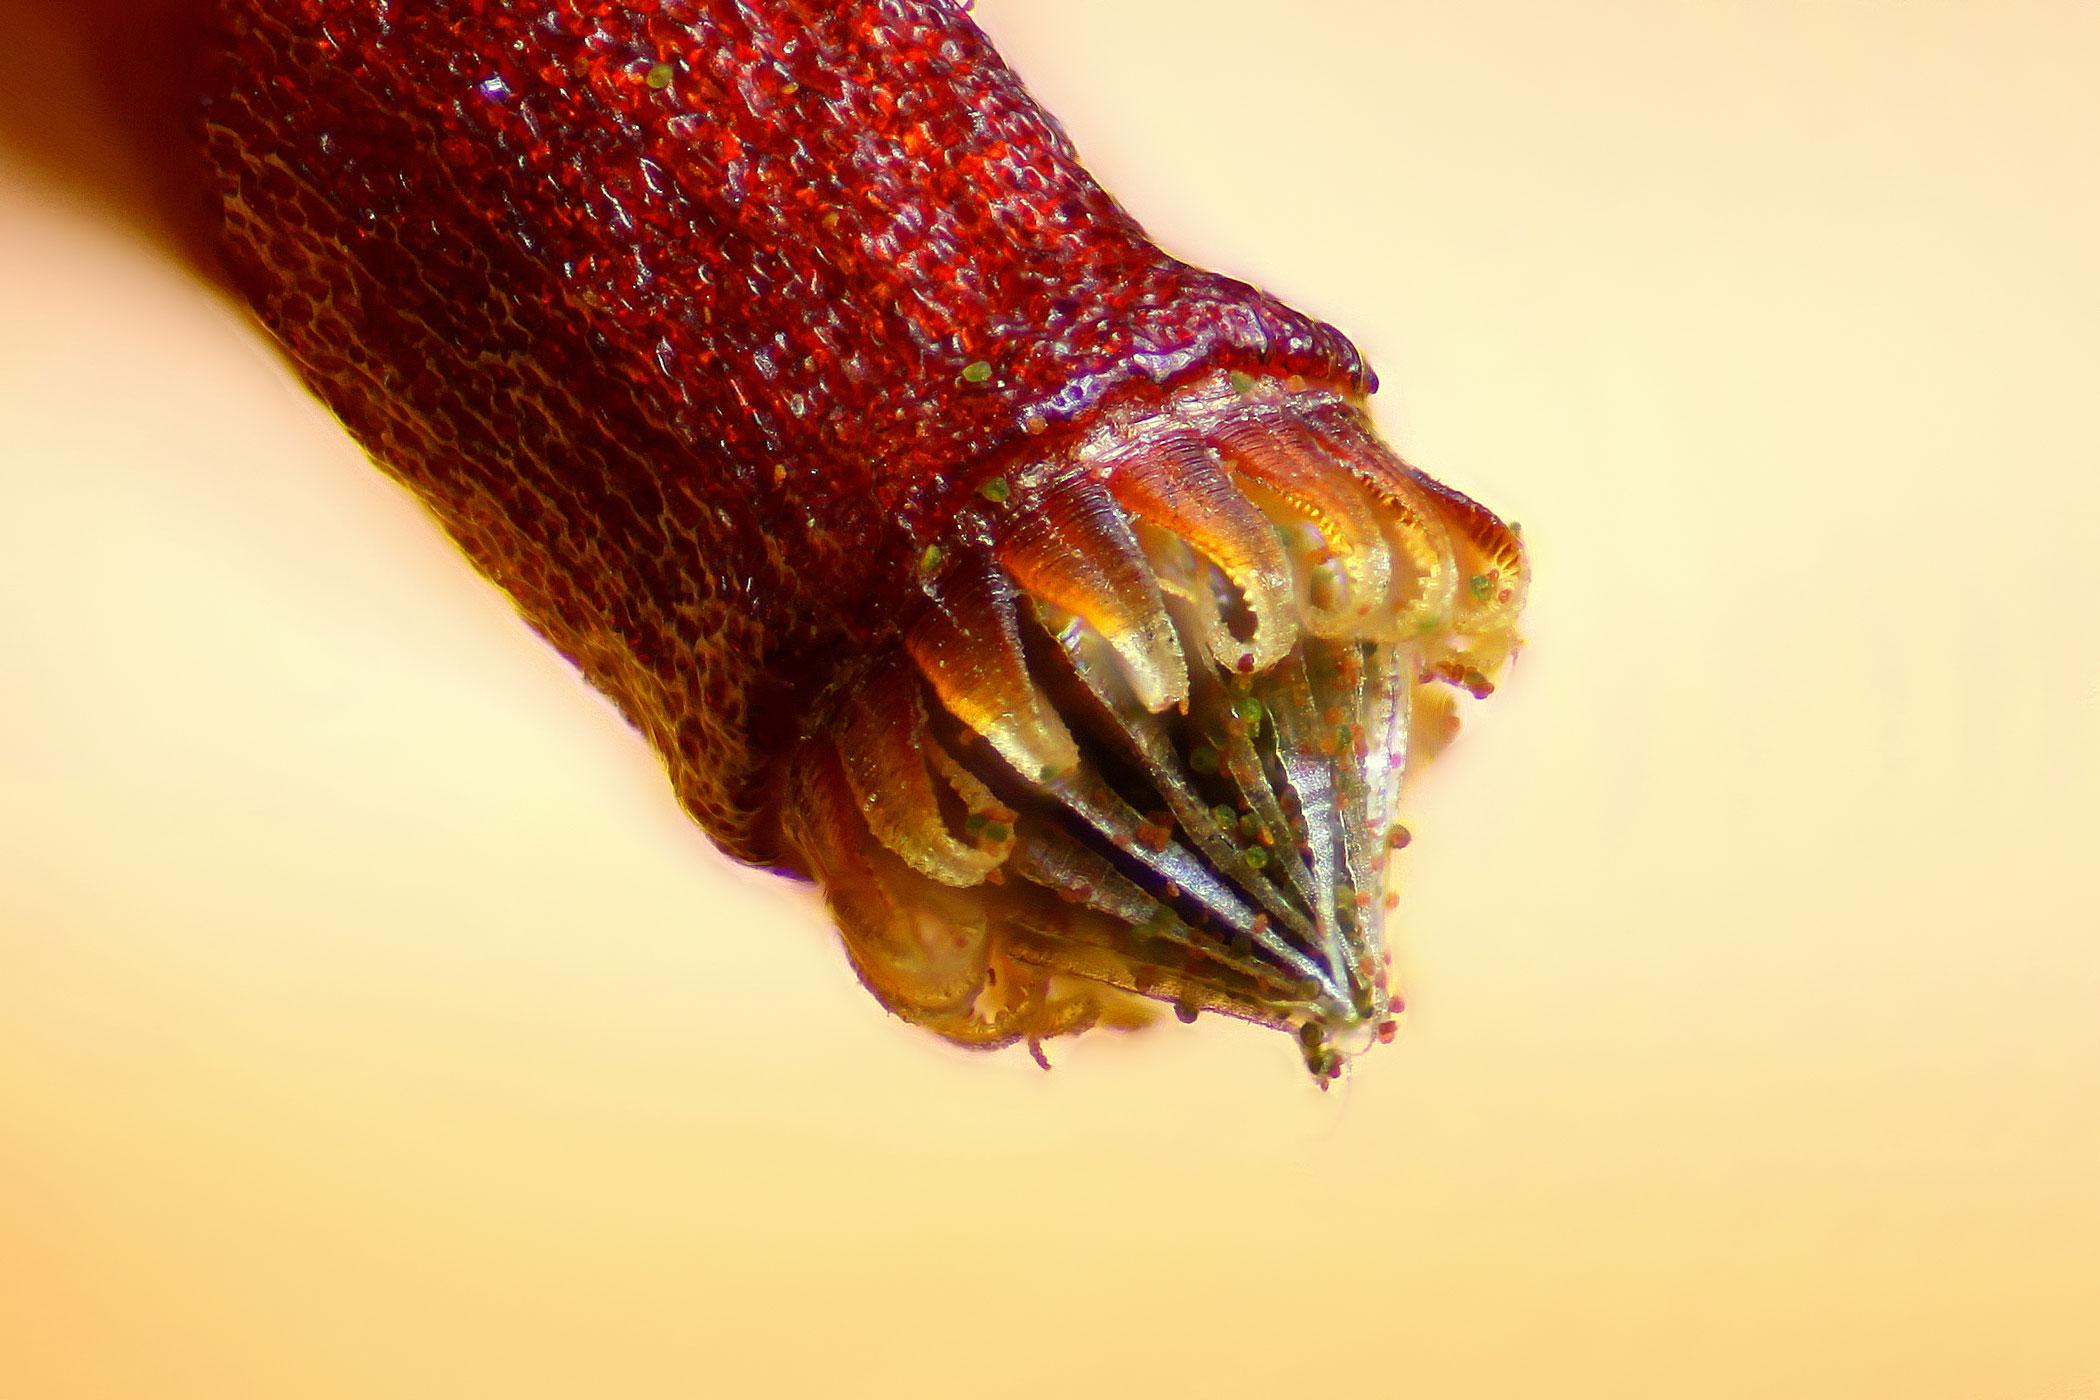 Spore capsule of a moss (Bryum sp.)